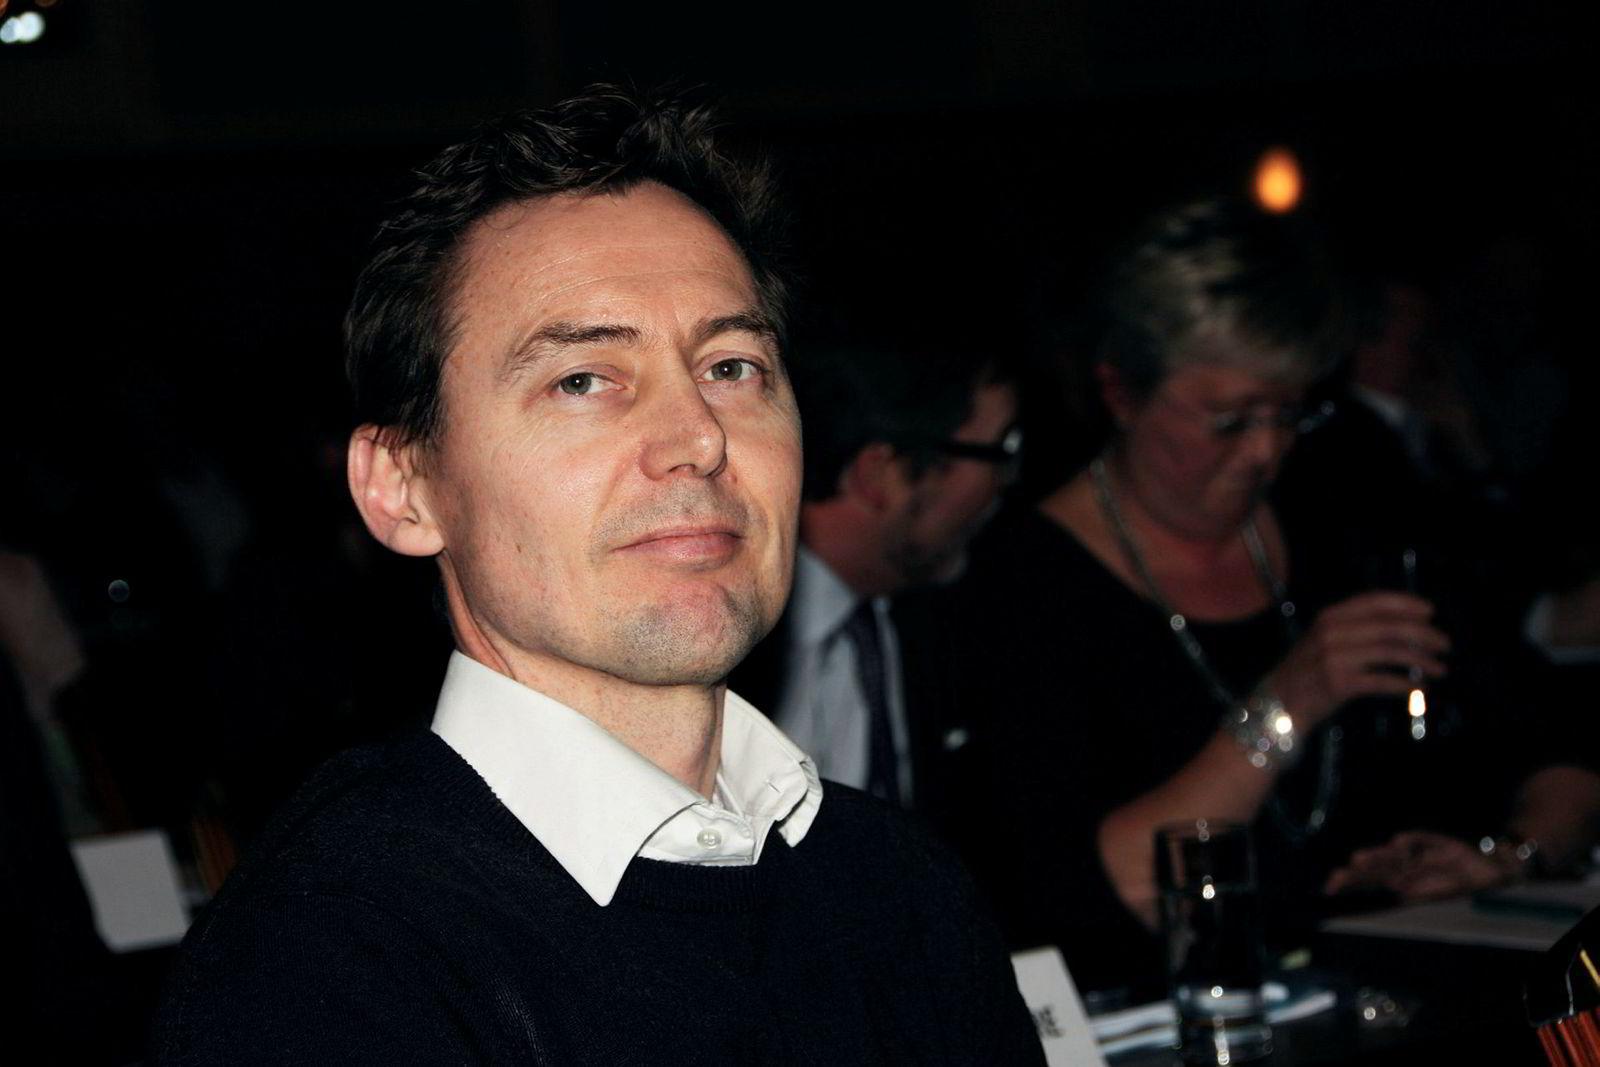 Ragnar Tveterås, senterleder og professor ved Senter for innovasjonsforskning ved Universitetet i Stavanger.